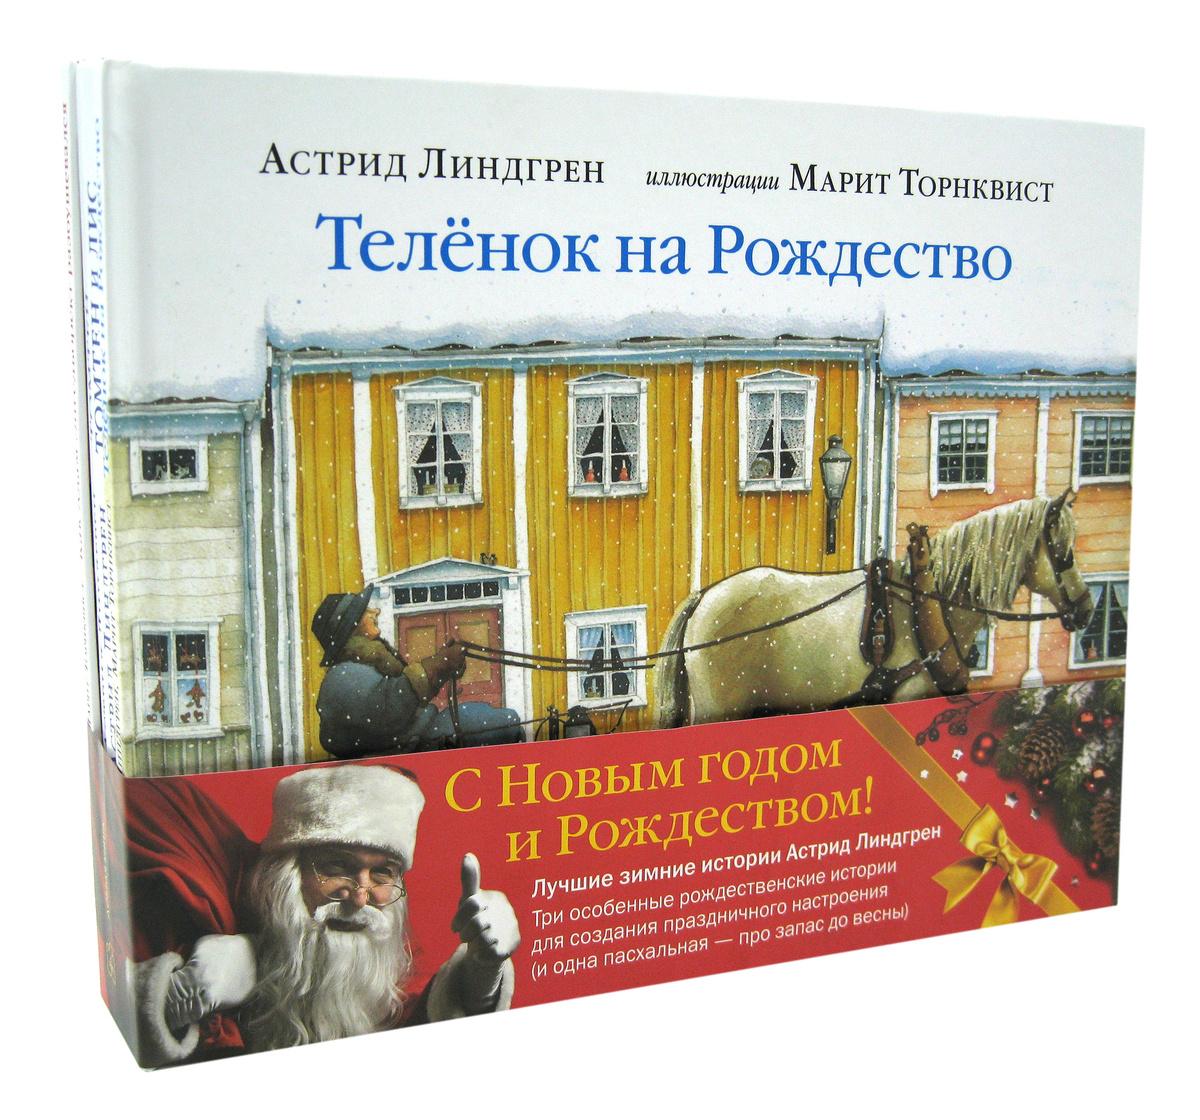 Зимние истории Астрид Линдгрен (и одна весенняя про запас) (комплект из 4 книг) | Линдгрен Астрид  #1